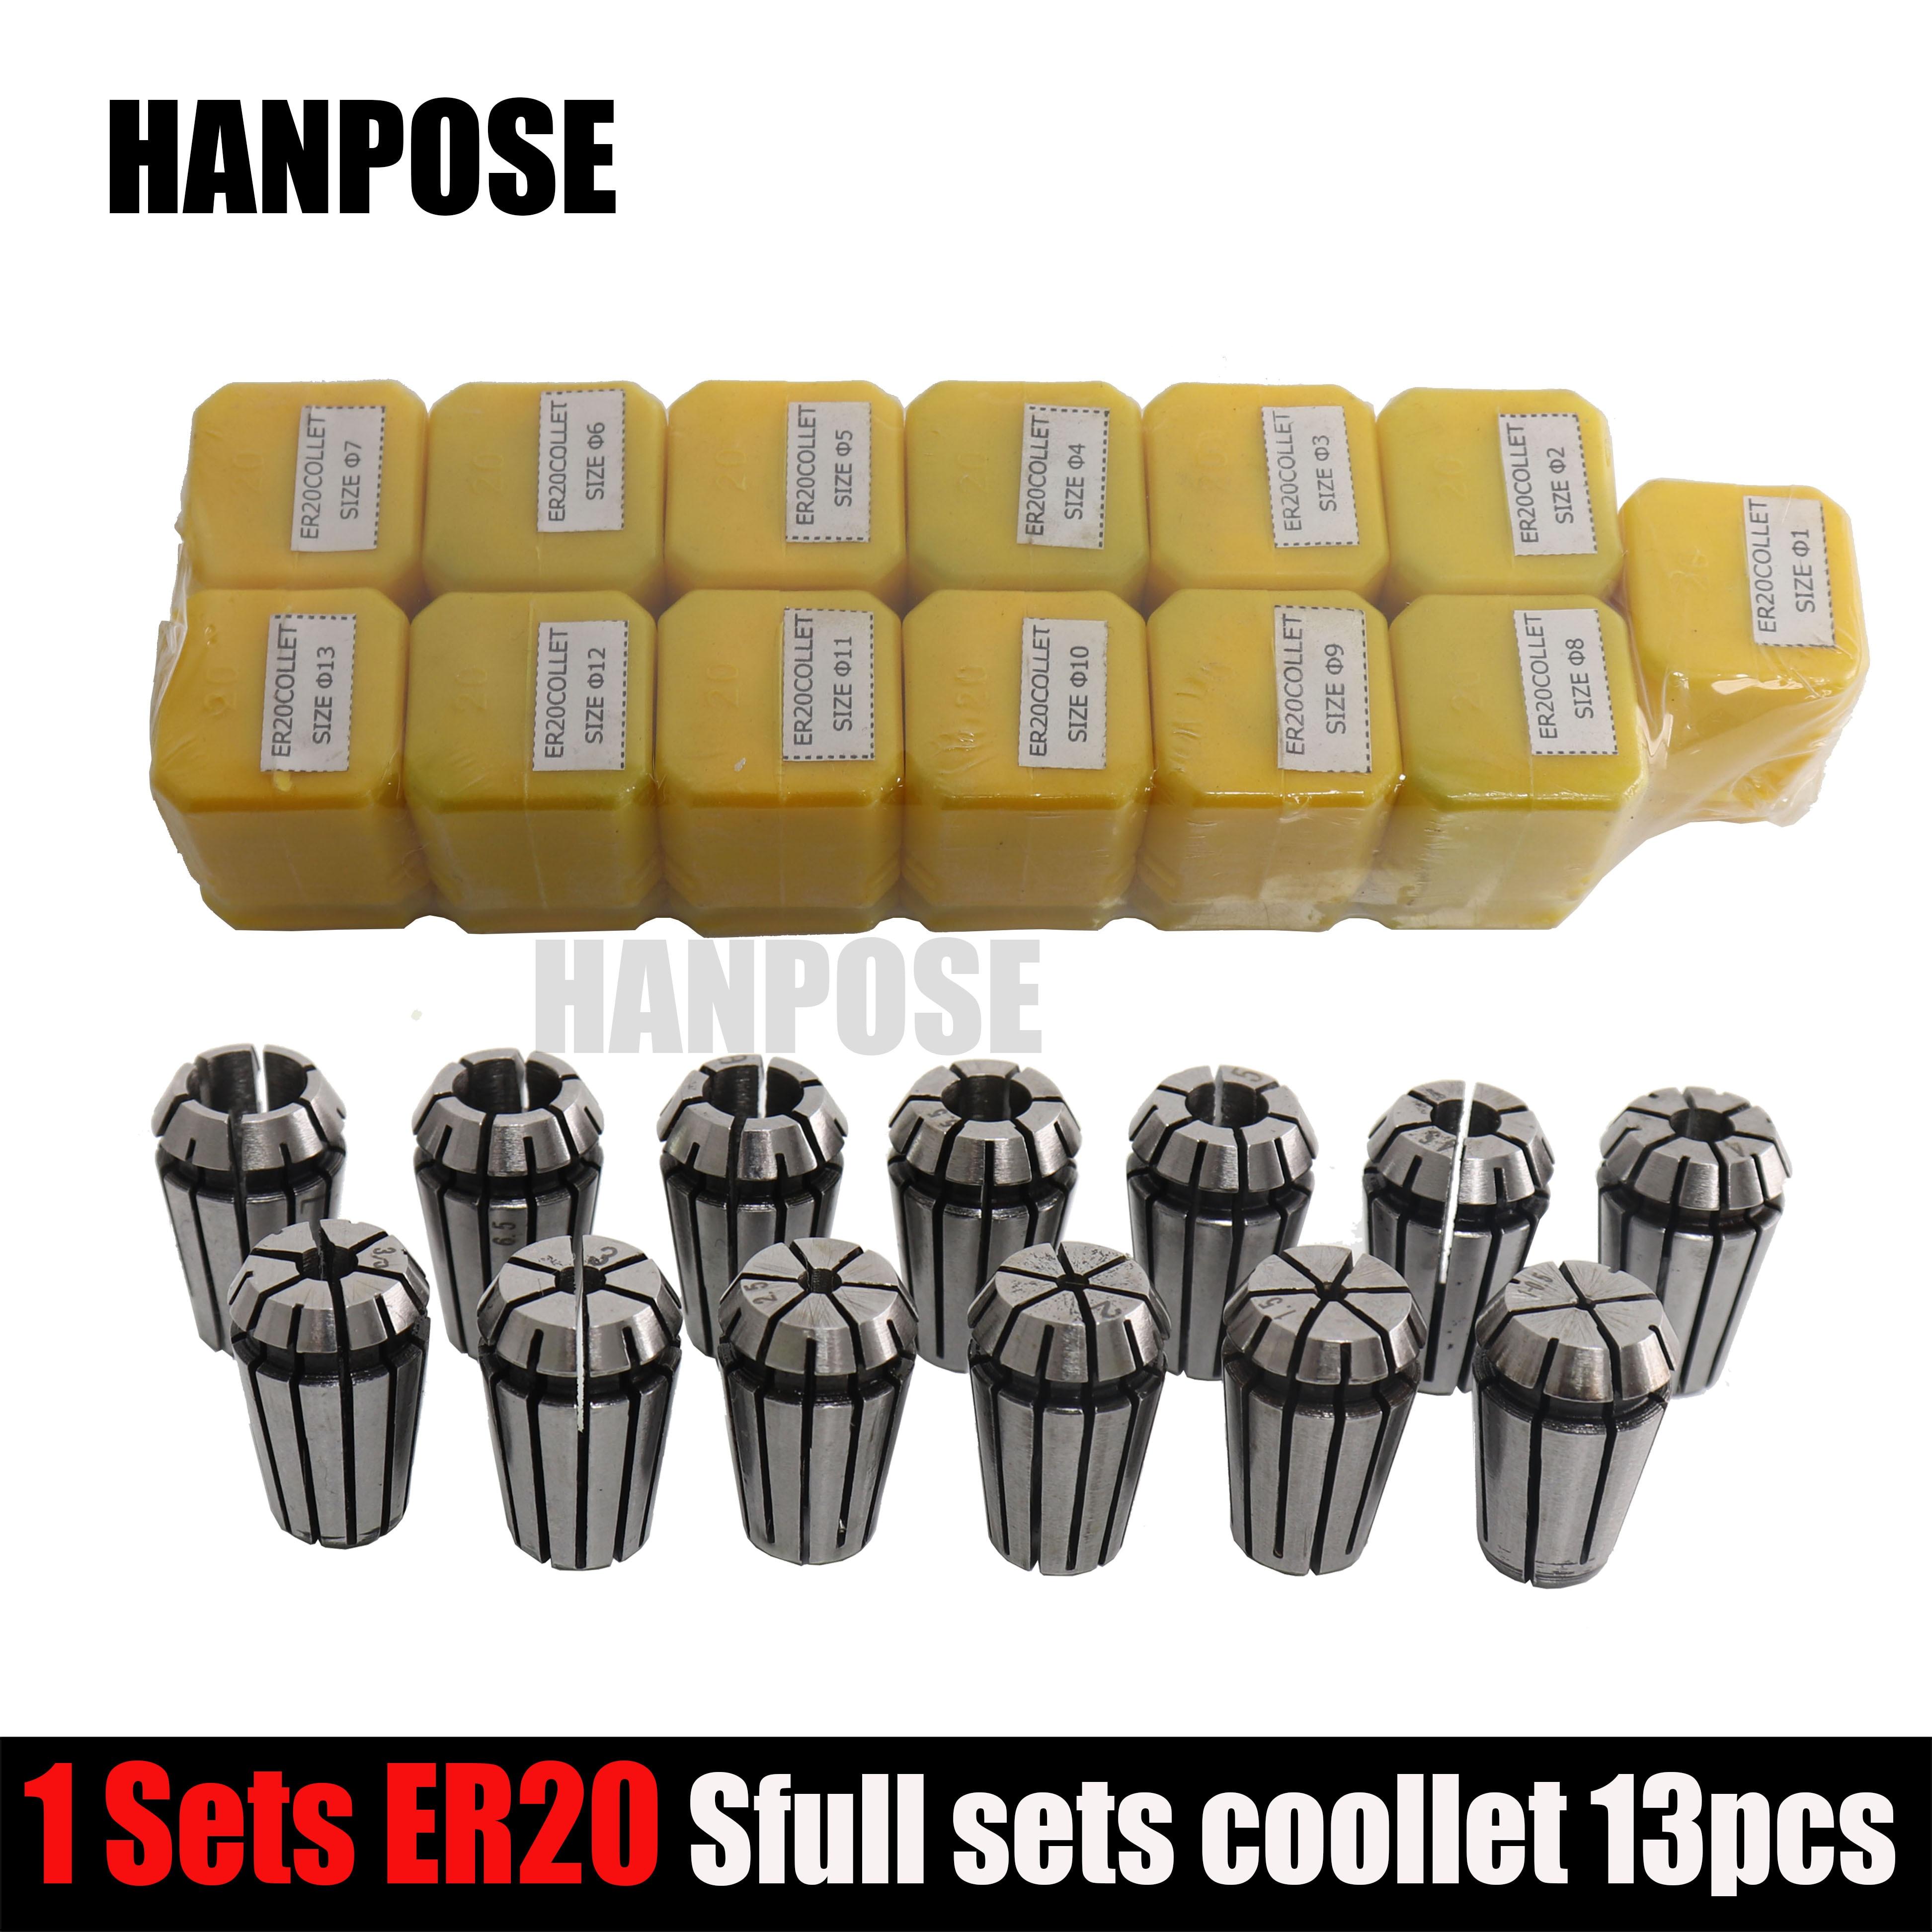 بهترین قیمت 13 عدد / مجموعه ER20 دقیق مجموعه بهار مجموعه CNC فرز تراش ابزار ER20 جمع کننده بهار چاک